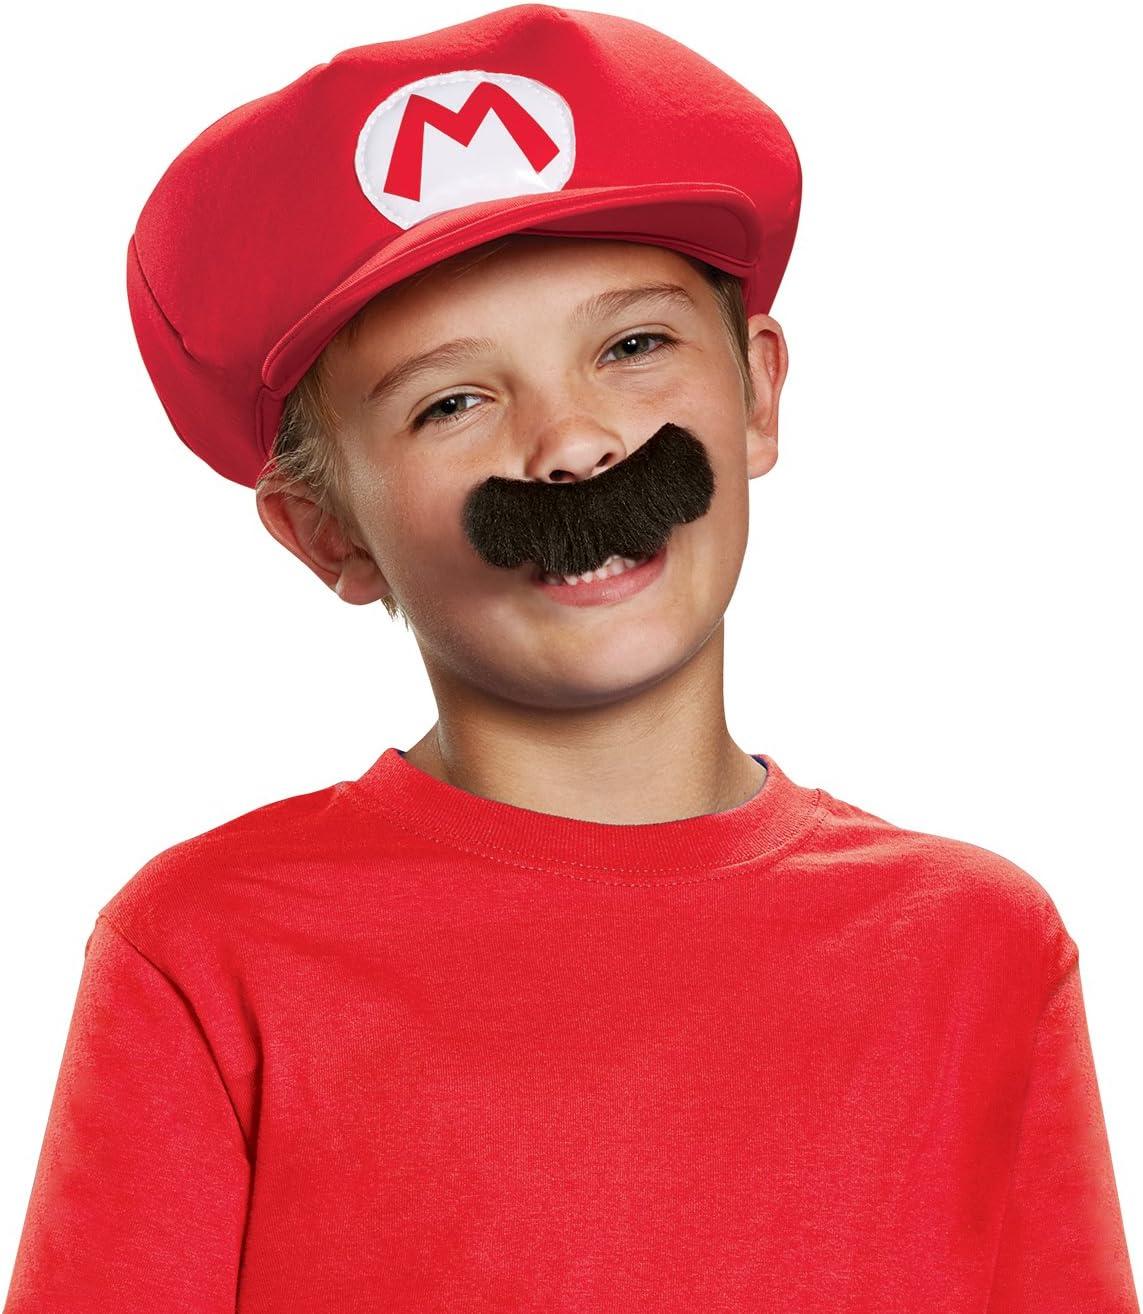 Super Mario 13371 – Gorra y bigote Mario Carnaval para niños, rojo ...